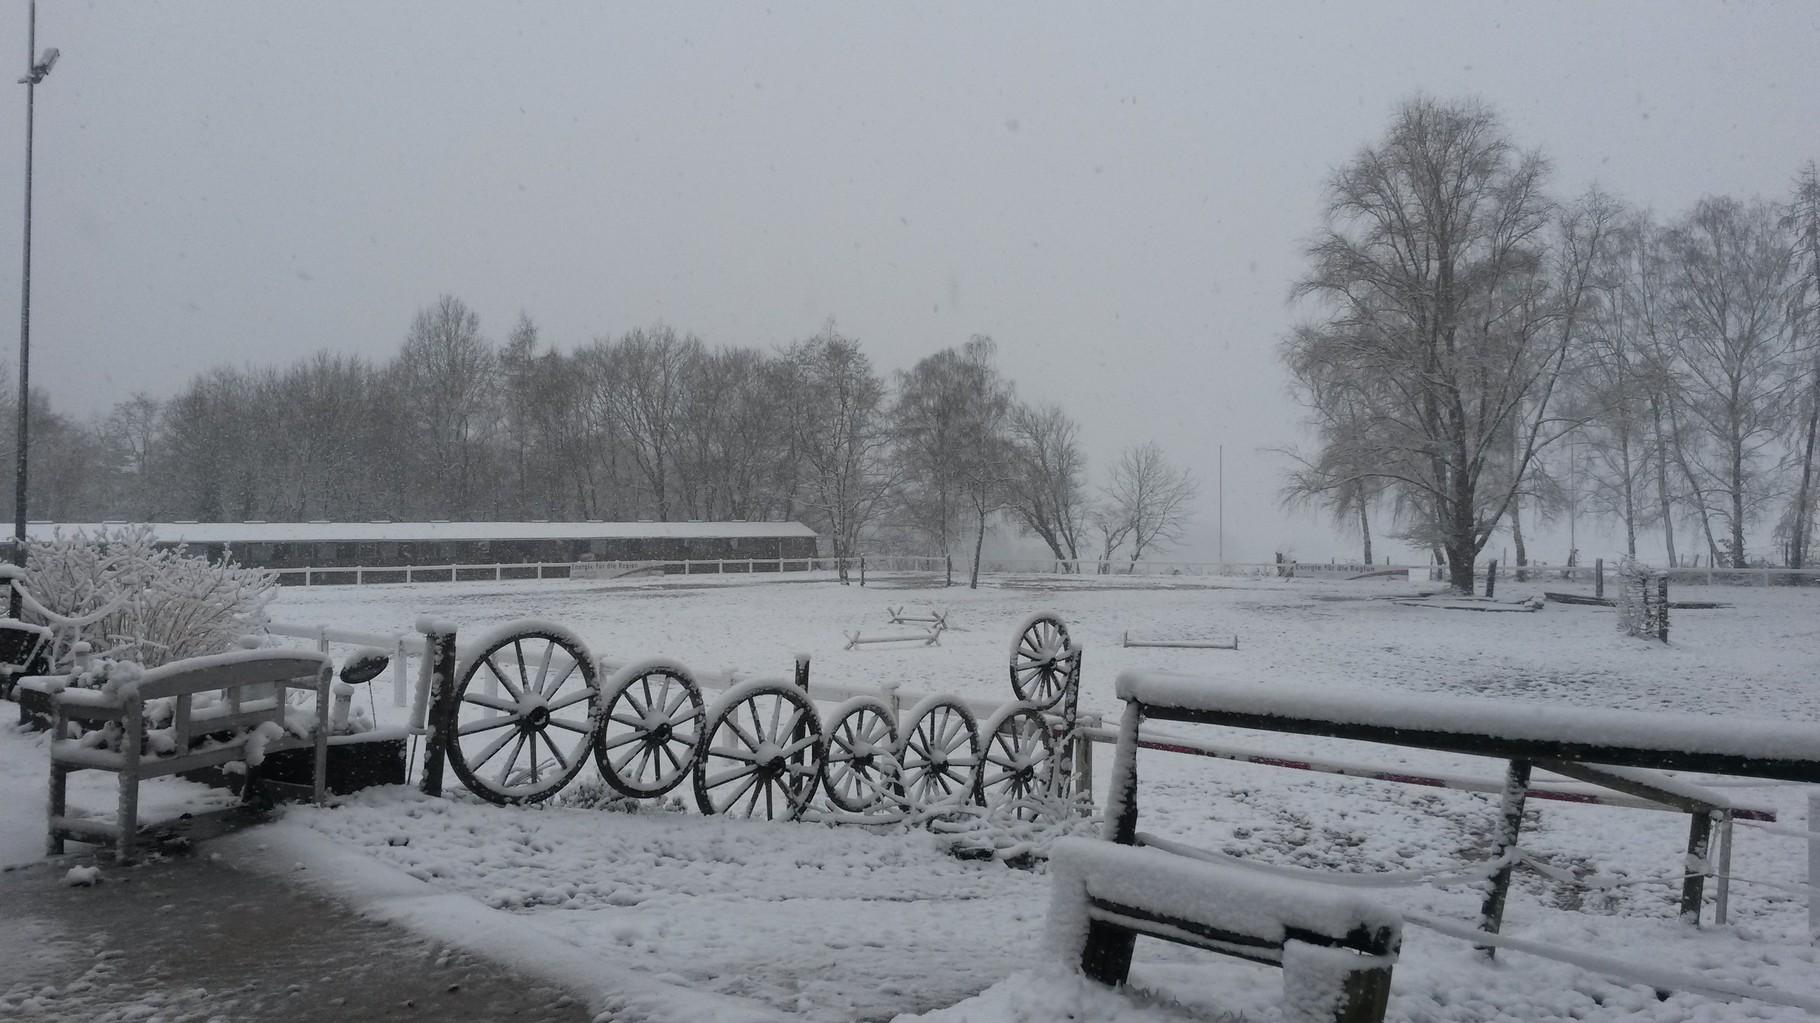 Blick auf den Springplatz im Winter